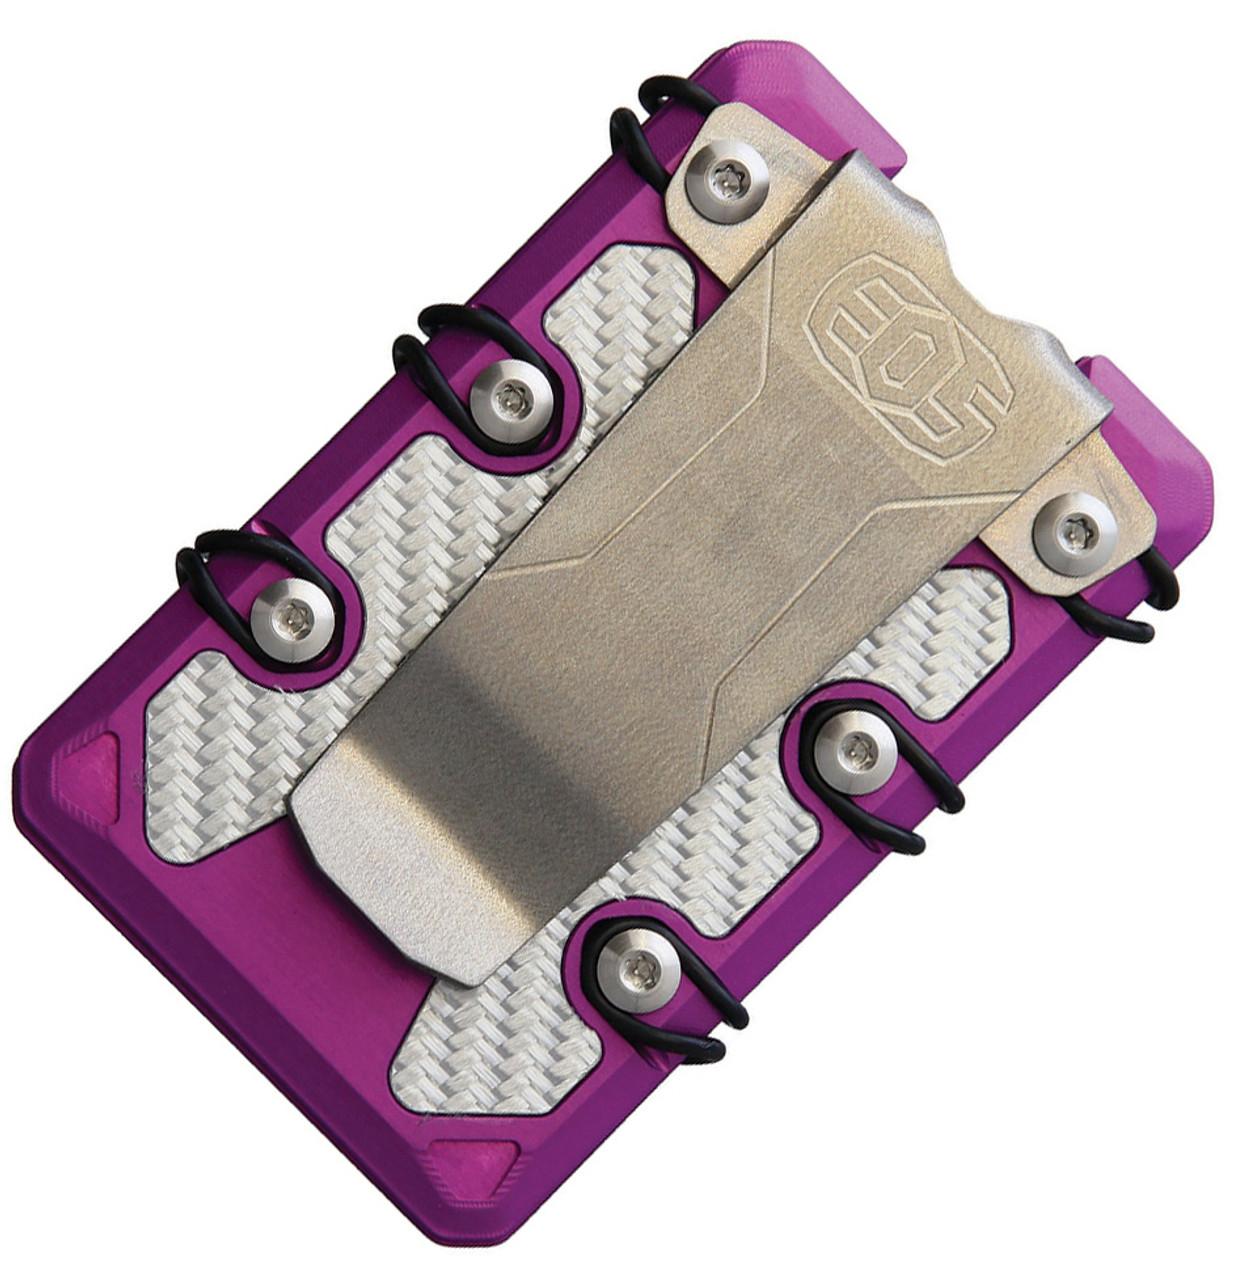 EOS 3.0 Lite Wallet EOS068, Purple Aluminum Construction, Silver Anodized Hardware